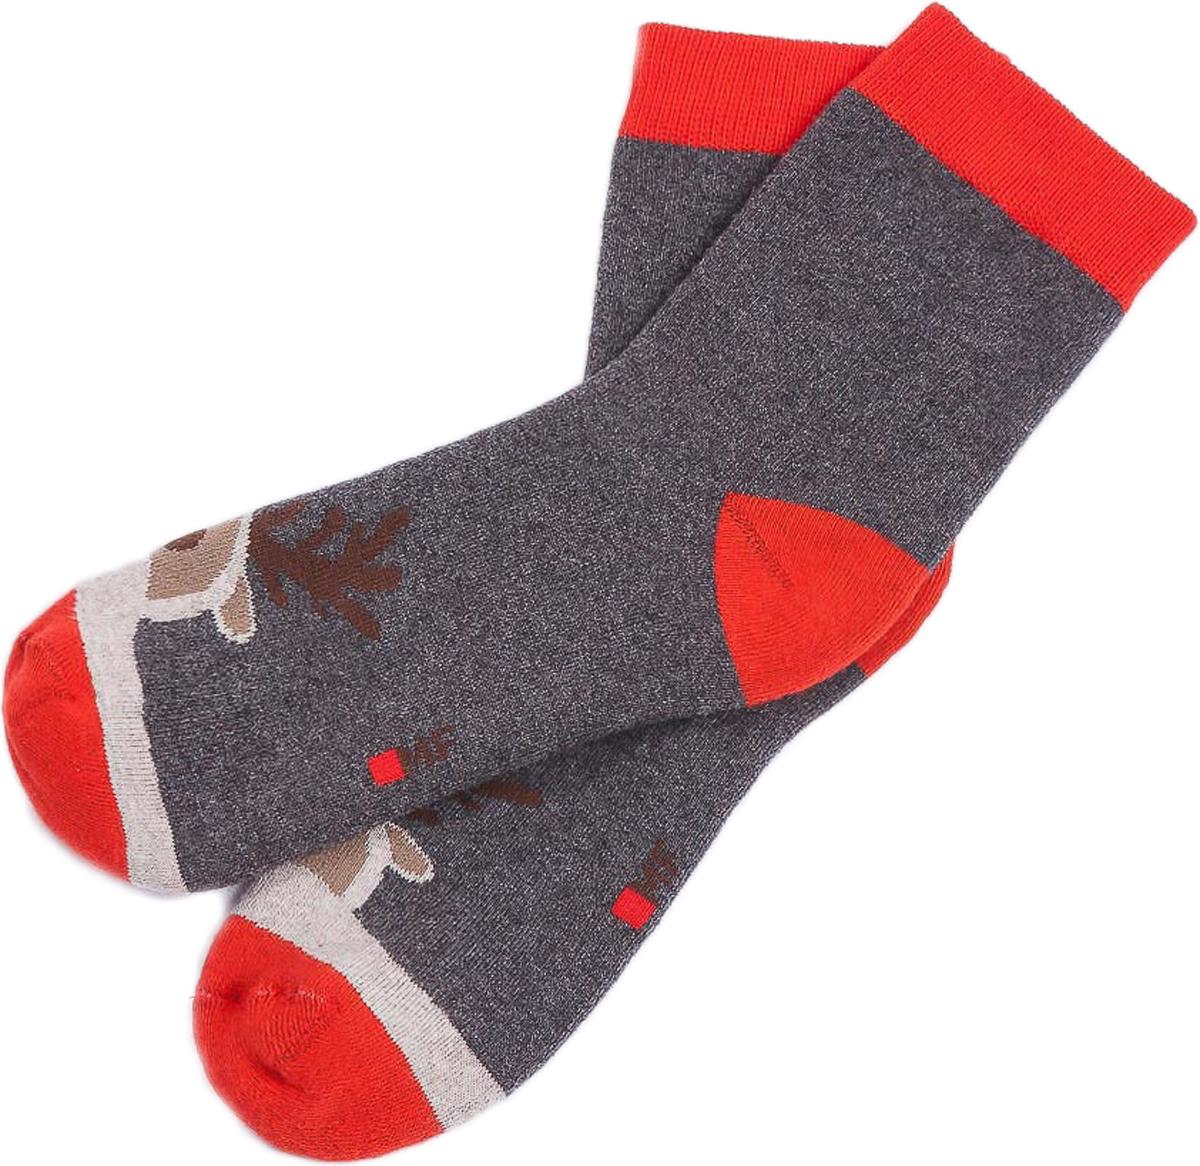 Носки для мальчиков Mark Formelle, цвет: темно-серый. 500K-381_5666. Размер 25/27500K-381_5666